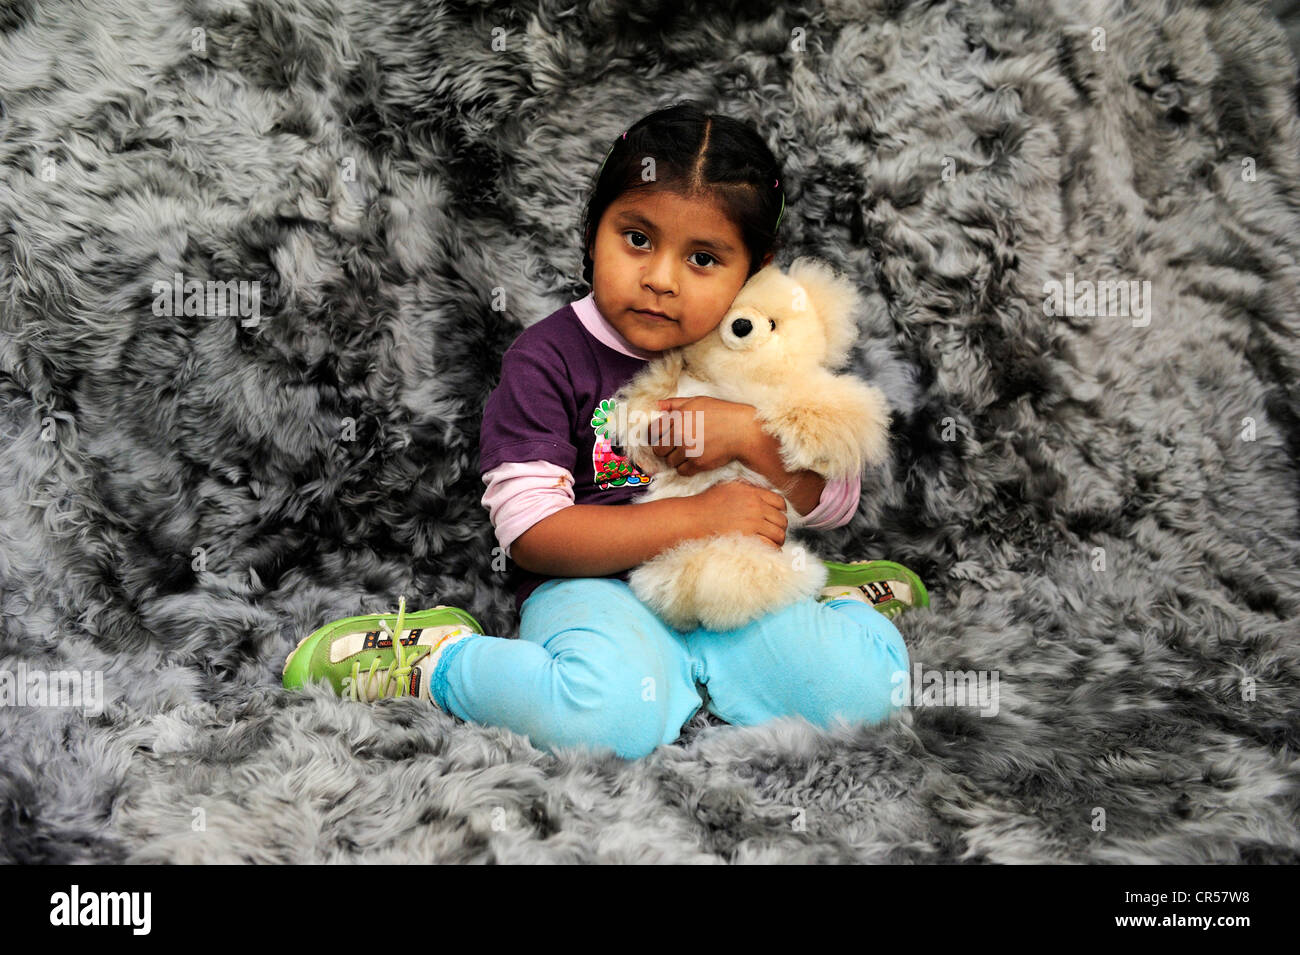 Chica con rasgos indígenas abrazando a un oso de peluche, la producción de juguetes blandos y alfombras de piel Foto de stock